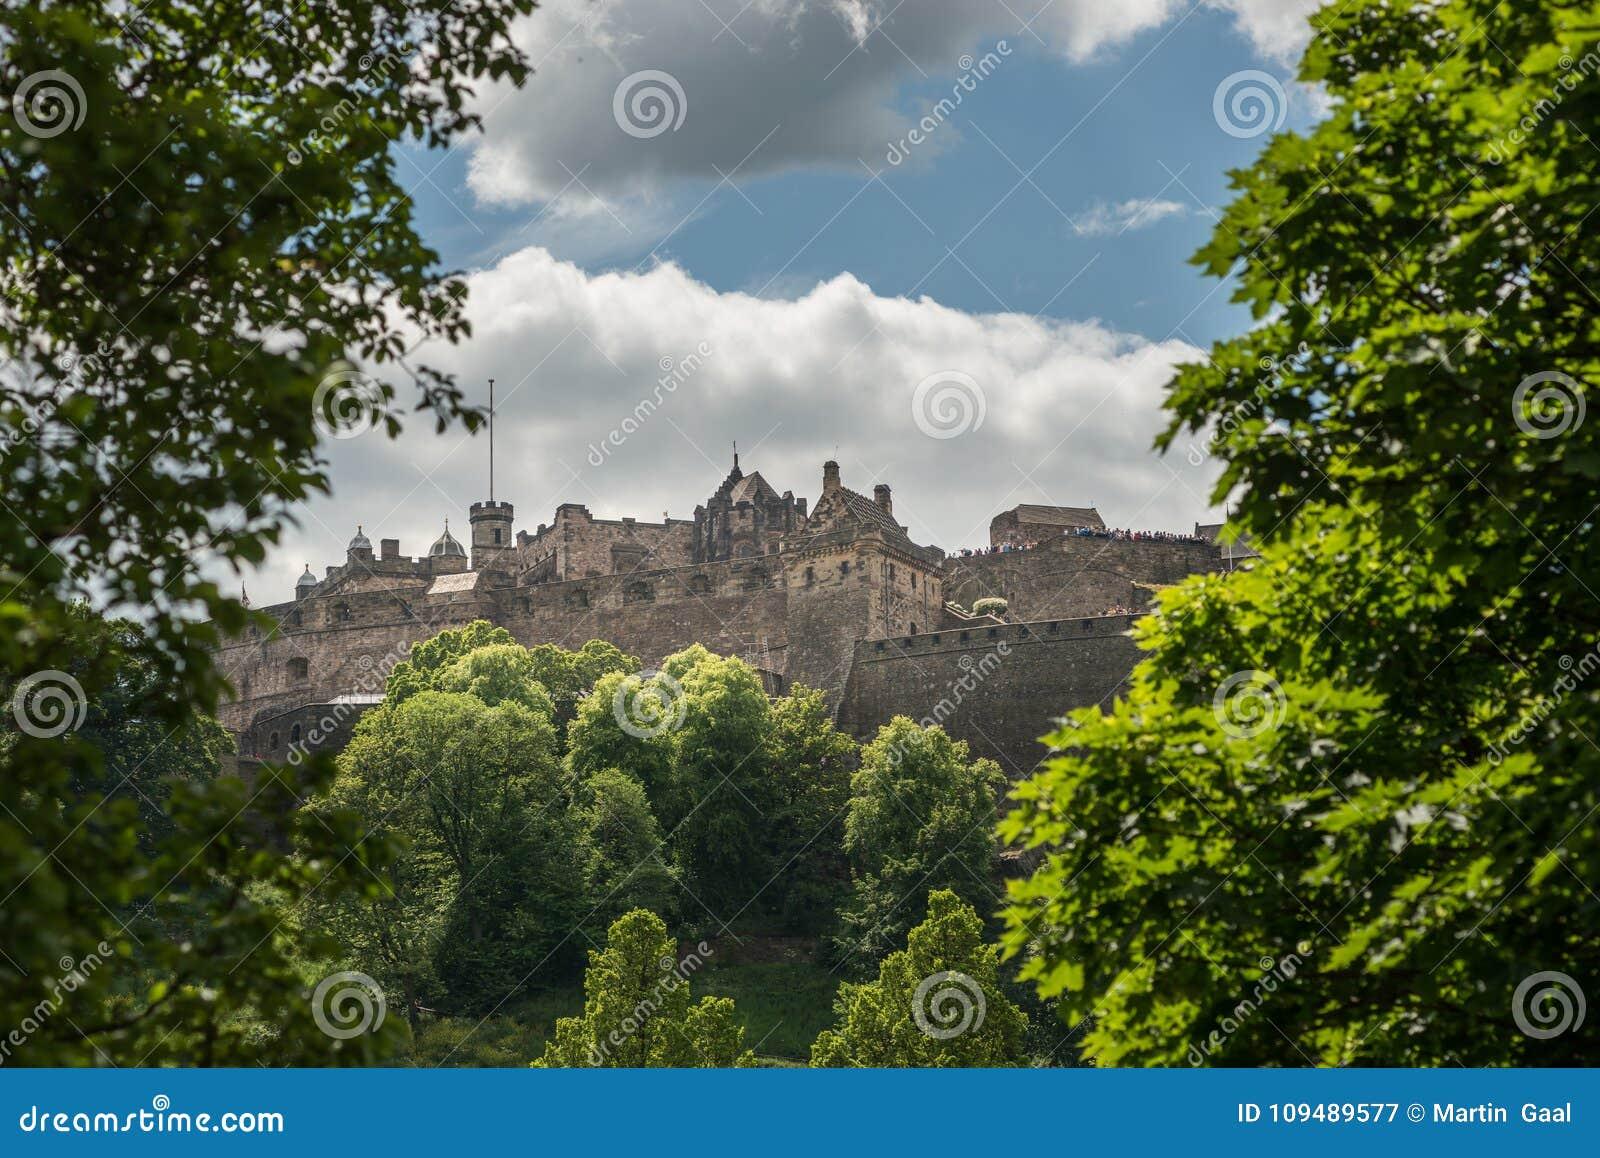 Château d Edimbourg, Edimbourg, histoire écossaise